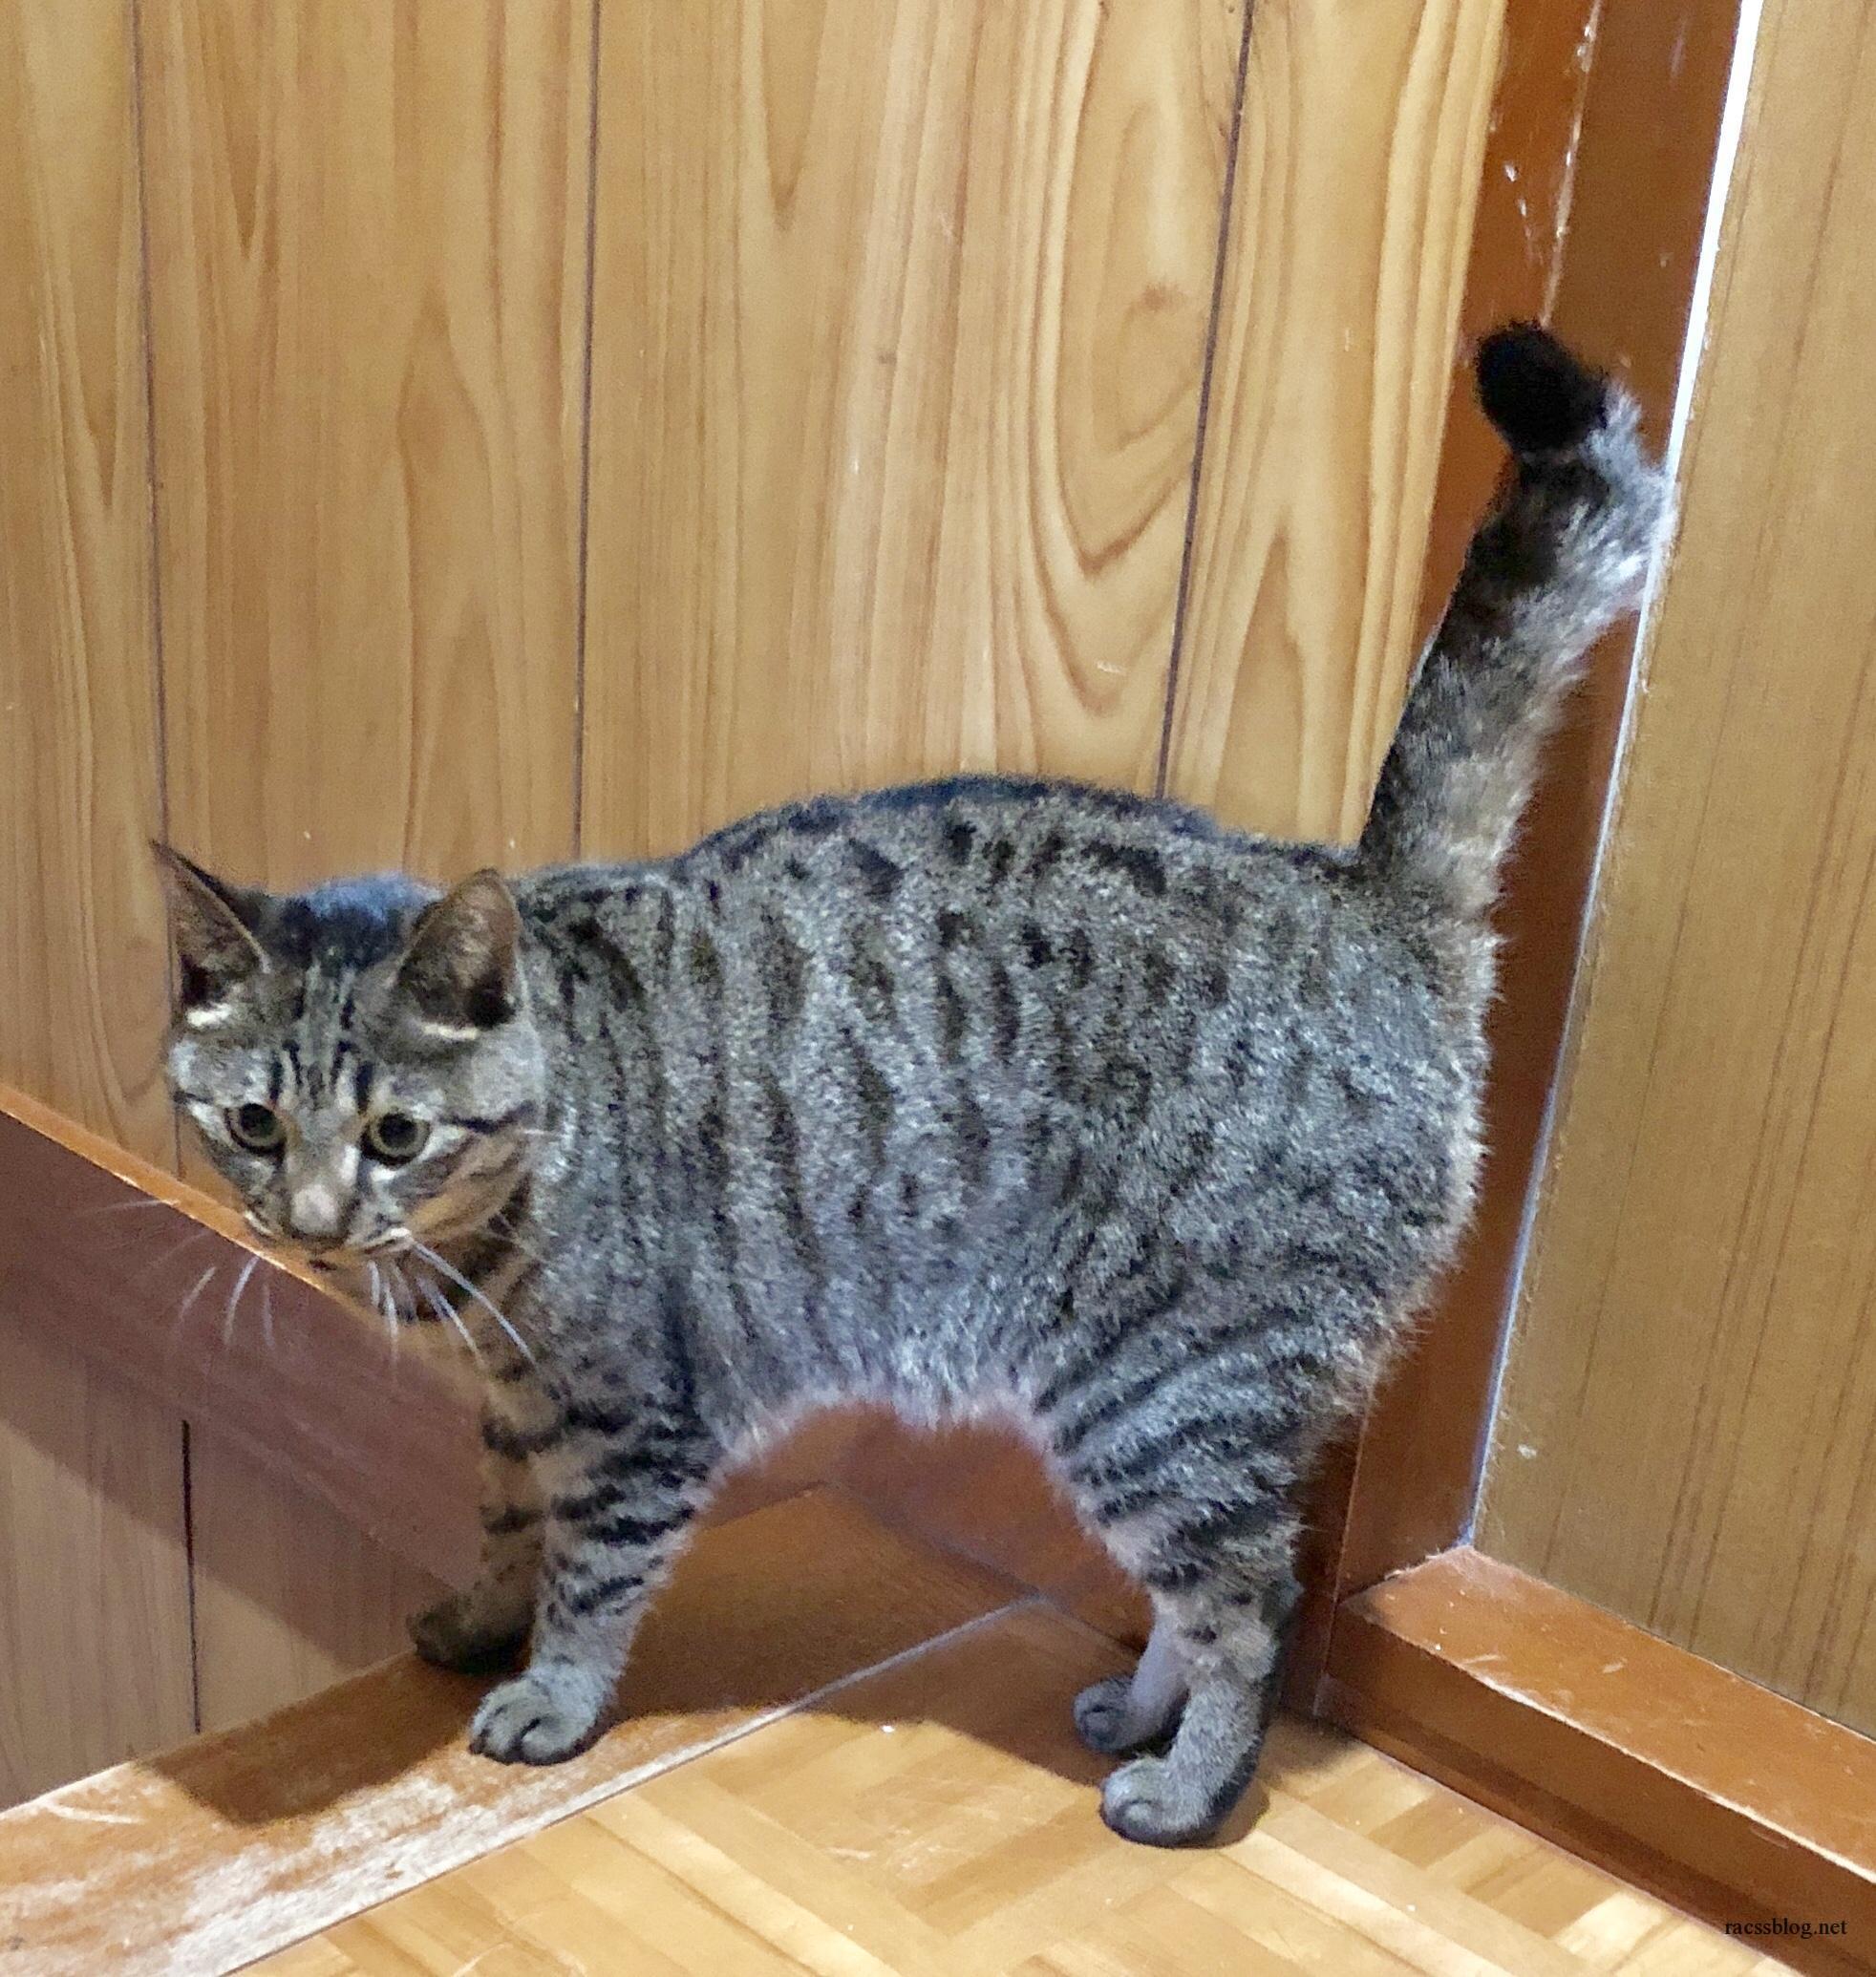 うちの猫はかぎしっぽ!尾曲り猫の原因と種類、日本で愛される理由とは